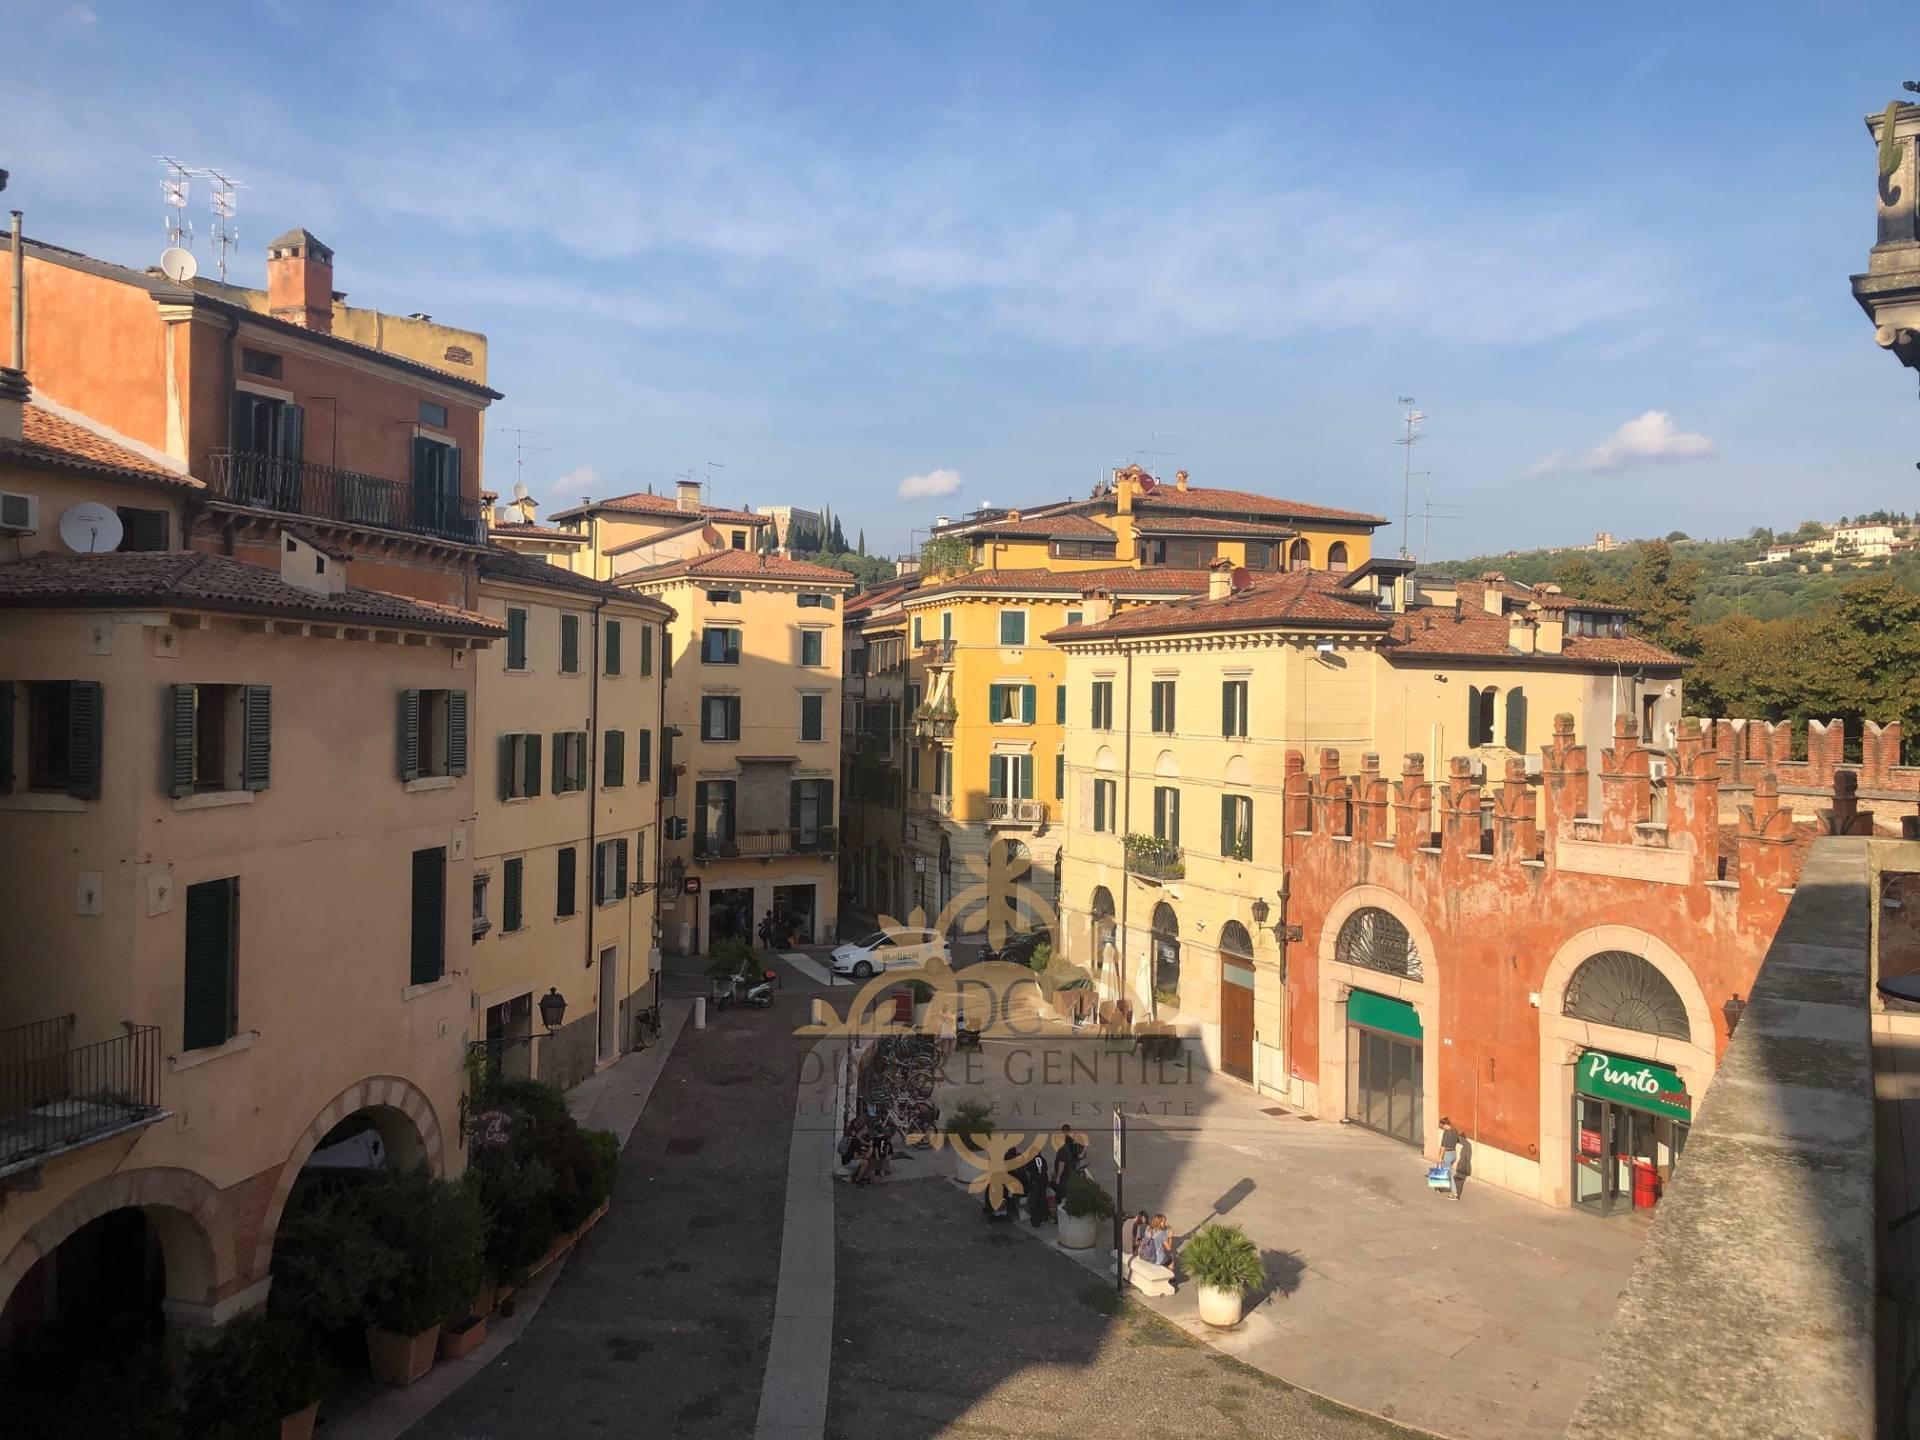 Appartamento in affitto a Verona, 4 locali, zona Località: Centrostorico, Trattative riservate | PortaleAgenzieImmobiliari.it